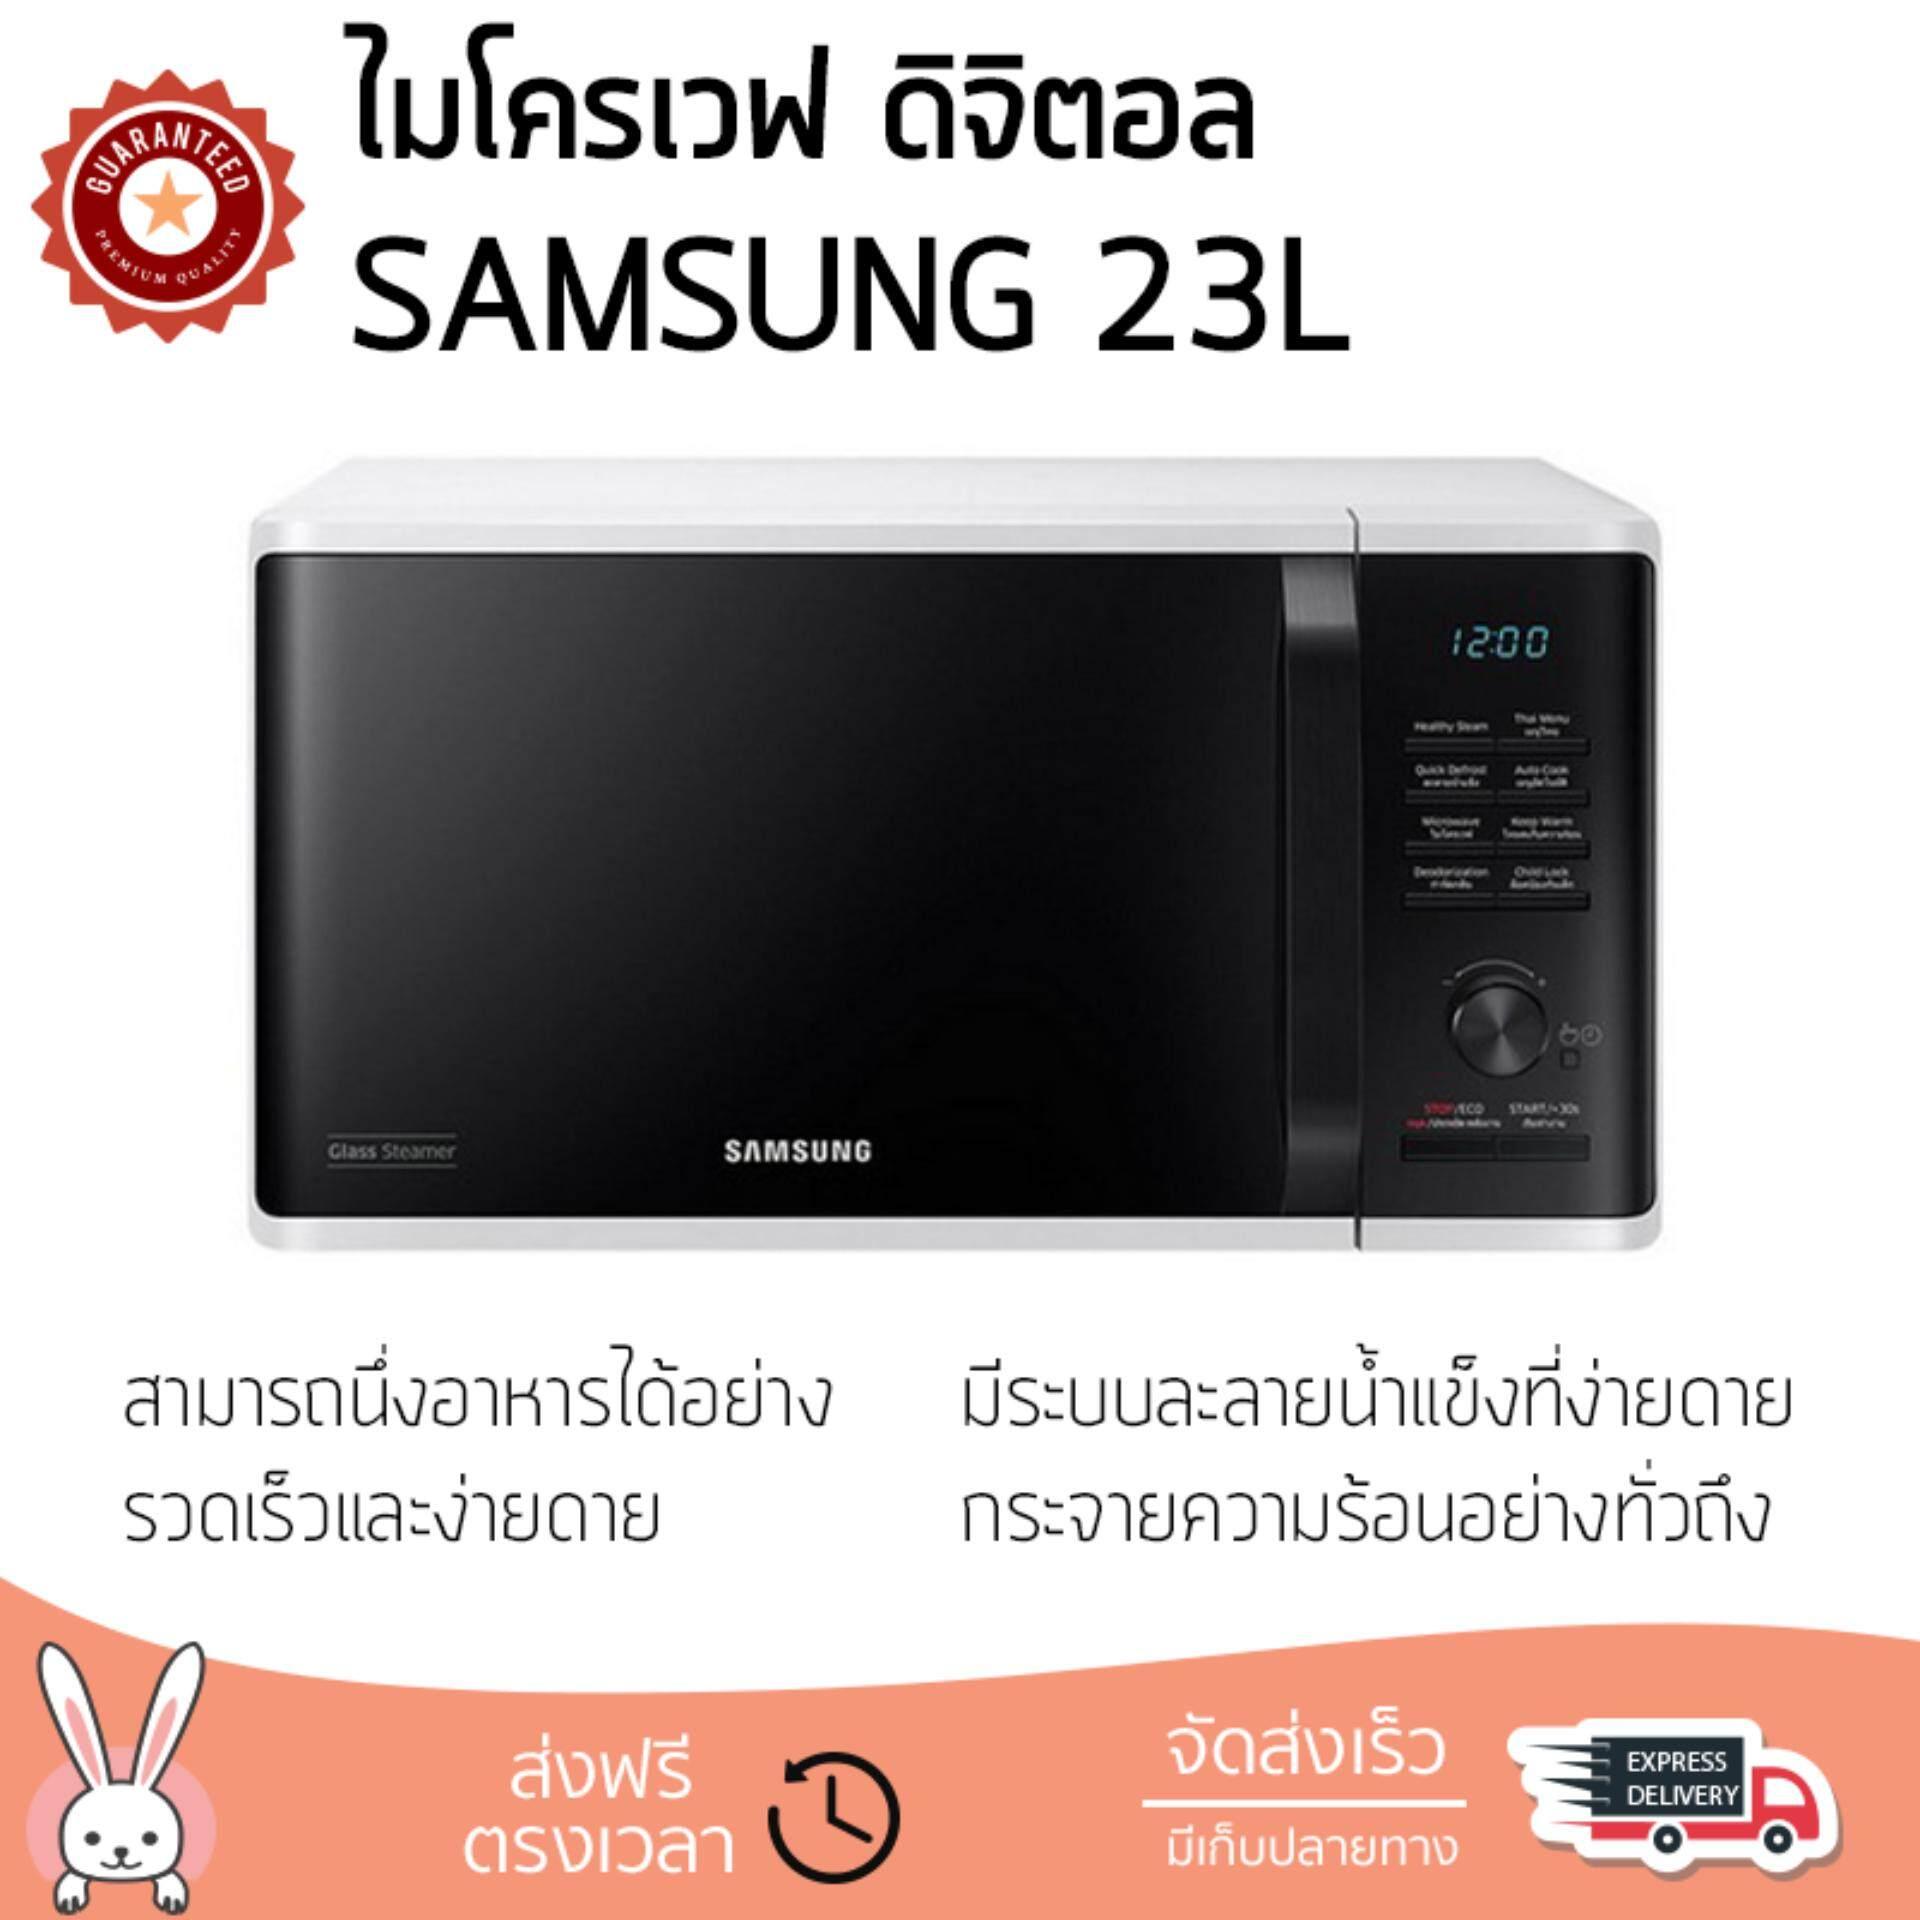 รุ่นใหม่ล่าสุด ไมโครเวฟ เตาอบไมโครเวฟ ไมโครเวฟ ดิจิตอล SAMSUNG MS23K3555EW/ST 23L | SAMSUNG | MS23K3555EW/ST ปรับระดับความร้อนได้หลายระดับ มีฟังก์ชันละลายน้ำแข็ง ใช้งานง่าย Microwave จัดส่งฟรีทั่วประเทศ